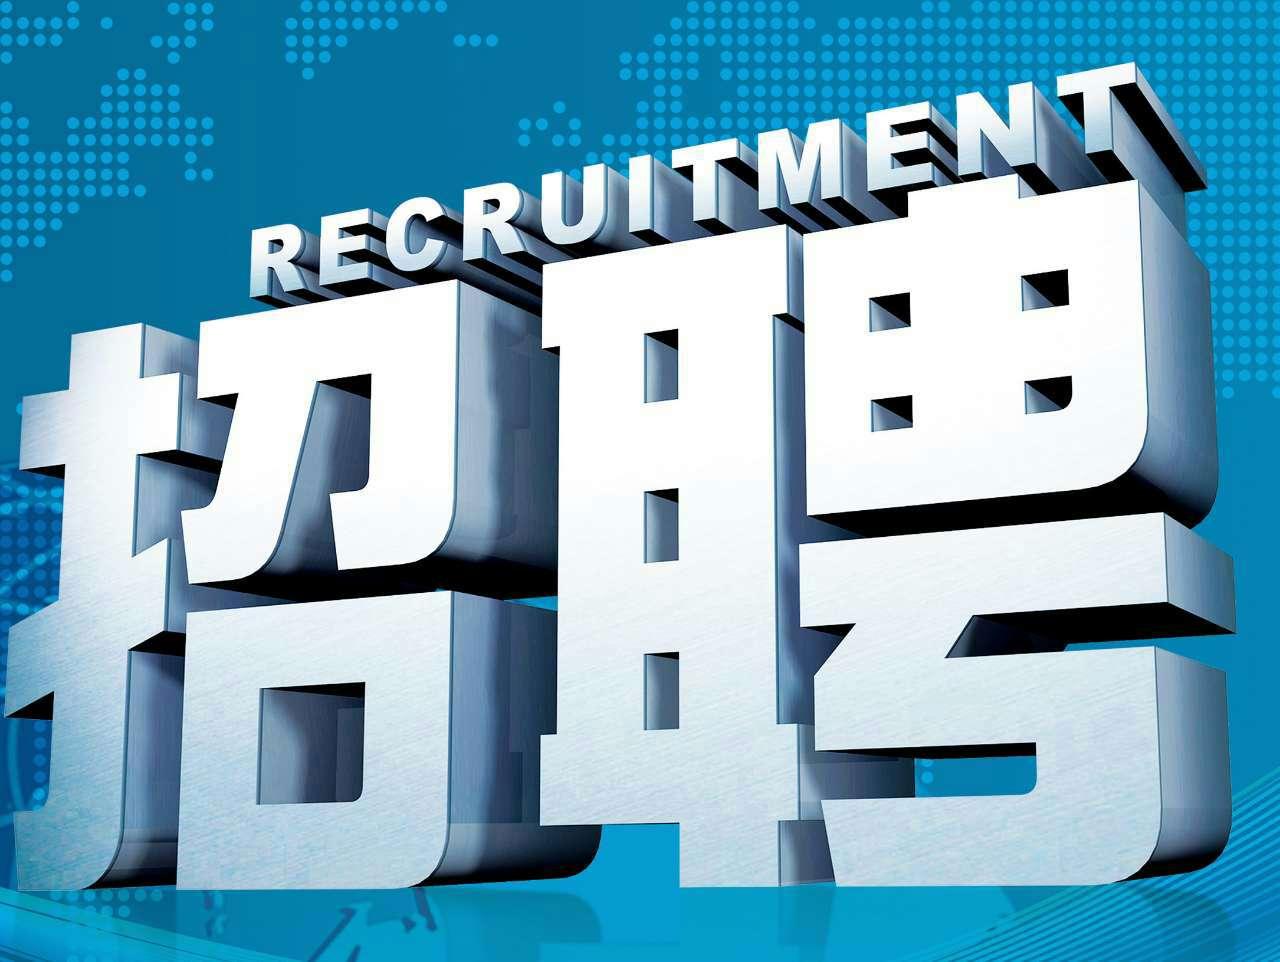 青海硕业房地产经纪有限公司即将开业现招聘以下人员业